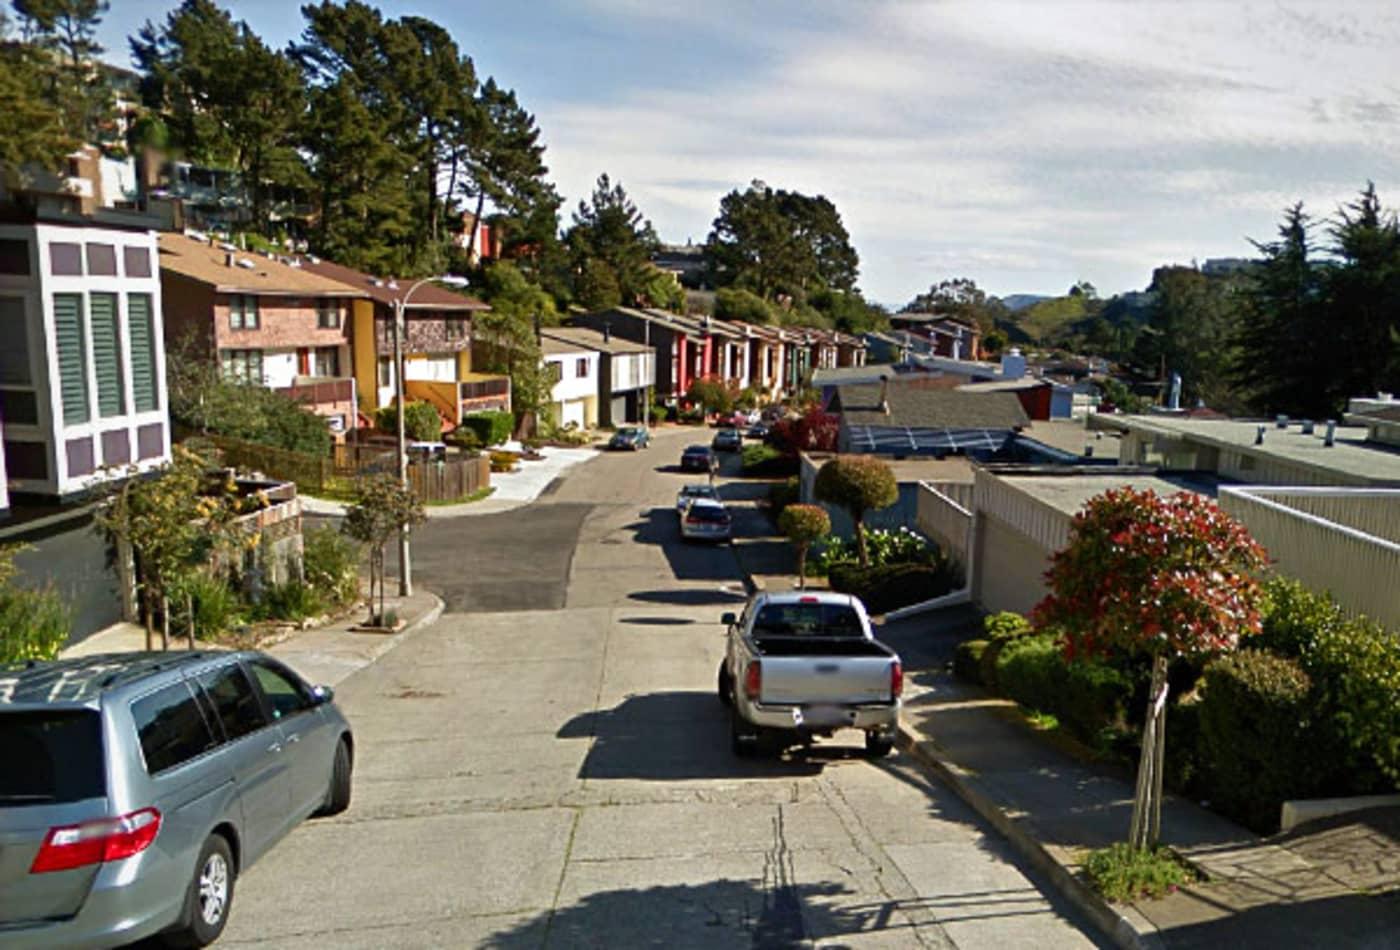 Diamond-Heights-San-Fransisco-Best-Kept-Secret-Neighborhoods-CNBC.jpg